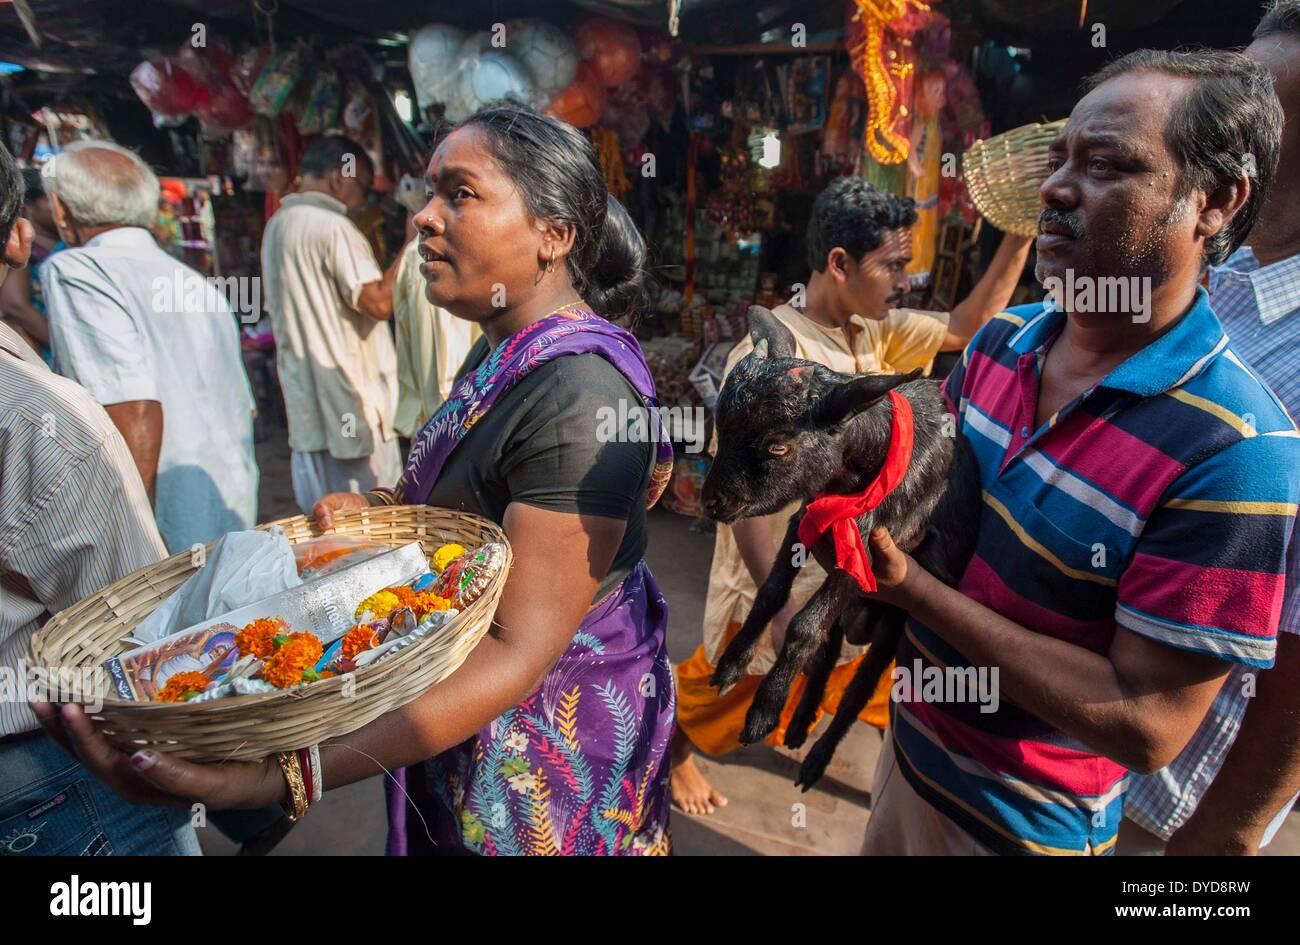 Calcutta, lo stato indiano del Bengala Occidentale. 15 apr 2014. Un devoto indiano porta un capro per il sacrificio su 'Poila Baishakh' in Calcutta, capitale dell'est lo stato indiano del Bengala Occidentale, 15 aprile 2014. Poila Baishakh, il primo giorno del calendario Bengali anno, è l'inizio di tutte le attività aziendali nel Bengala occidentale quando i commercianti culto del Signore Ganesha e la dea Lakshmi per contrassegnare l'anno con la ricchezza e la prosperità. © Tumpa Mondal/Xinhua/Alamy Live News Immagini Stock